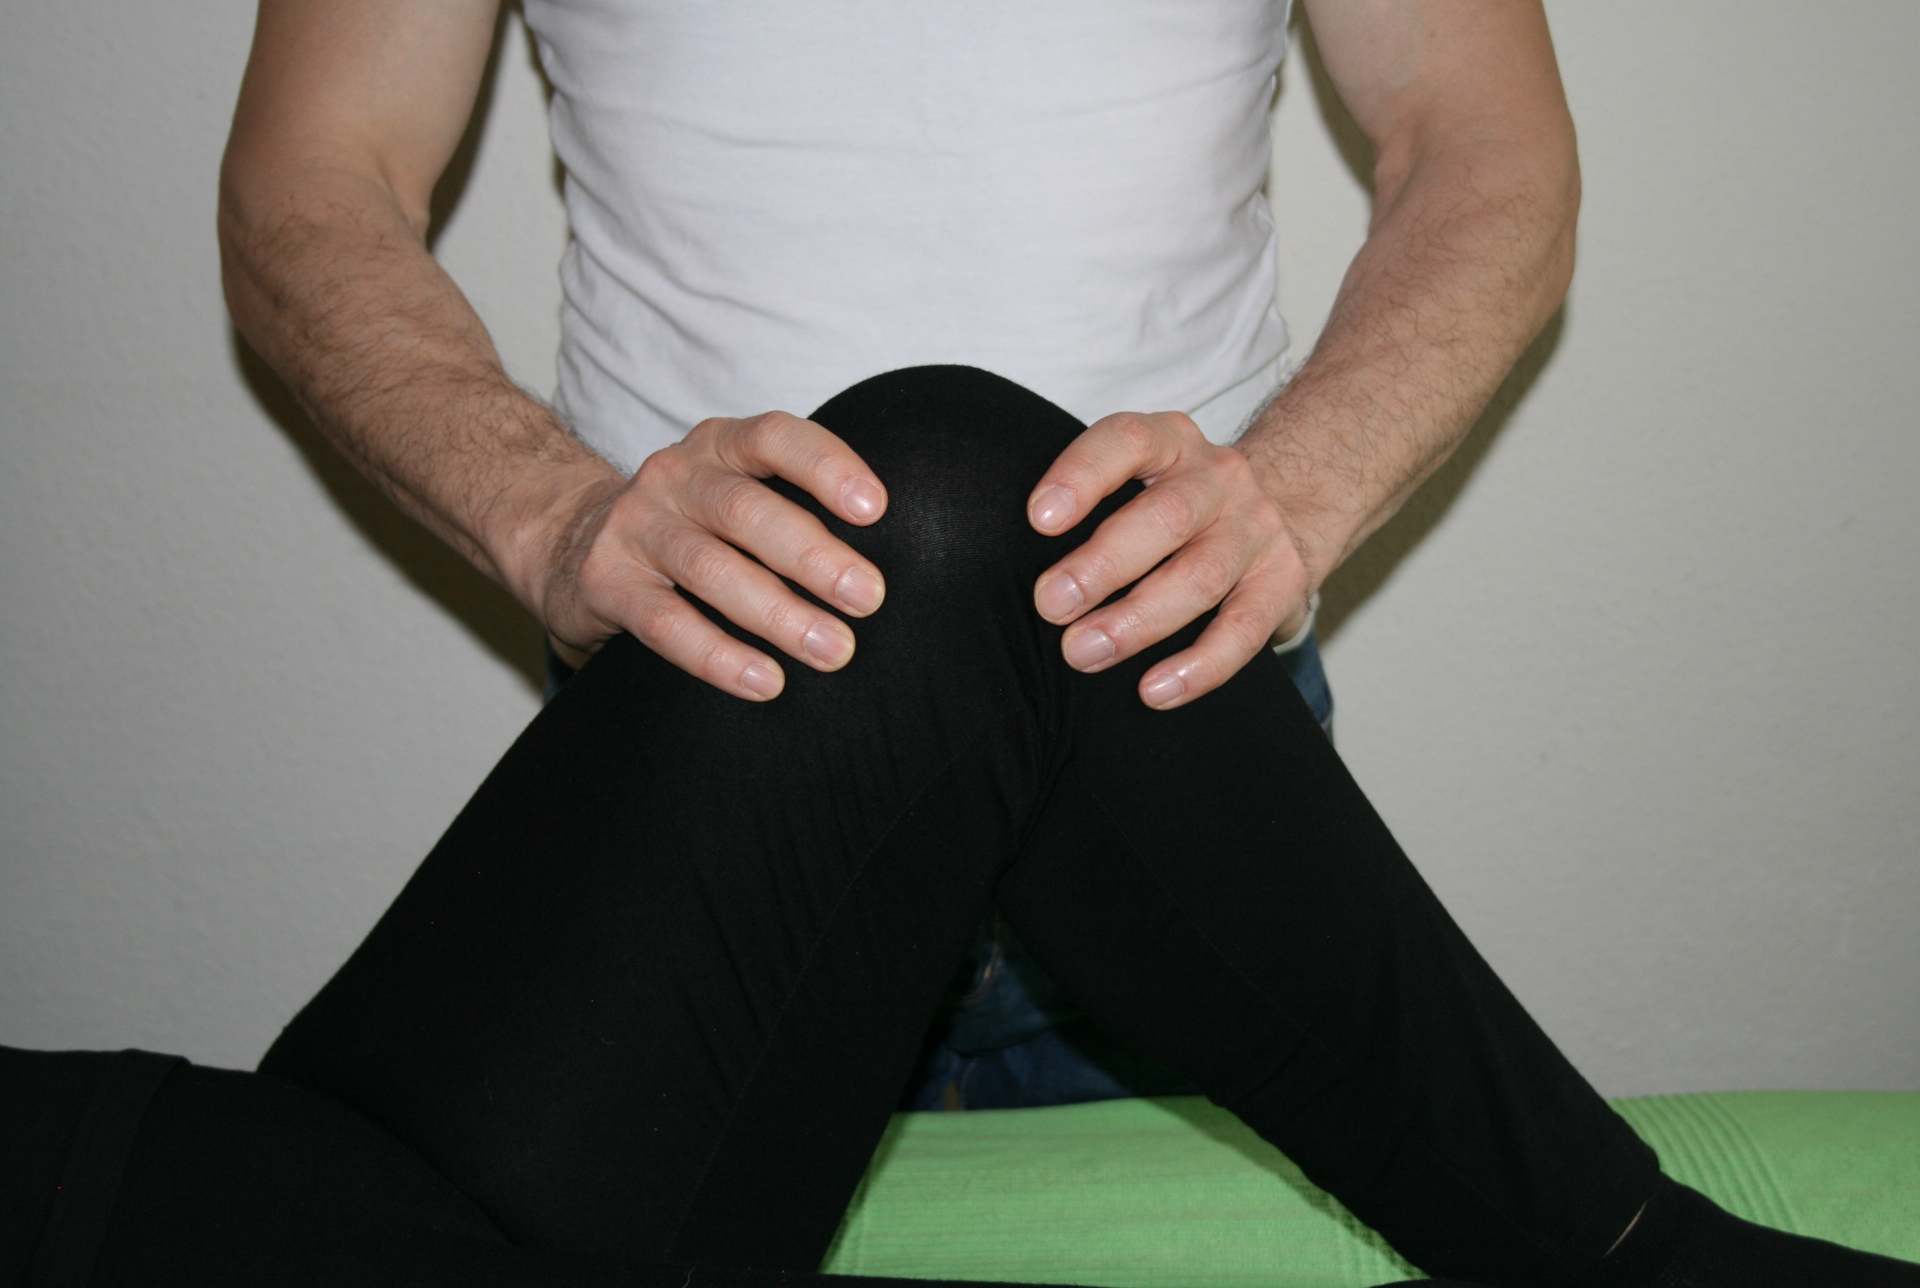 Billedet viser en en klient, der får behandling mod smerter i knæet.